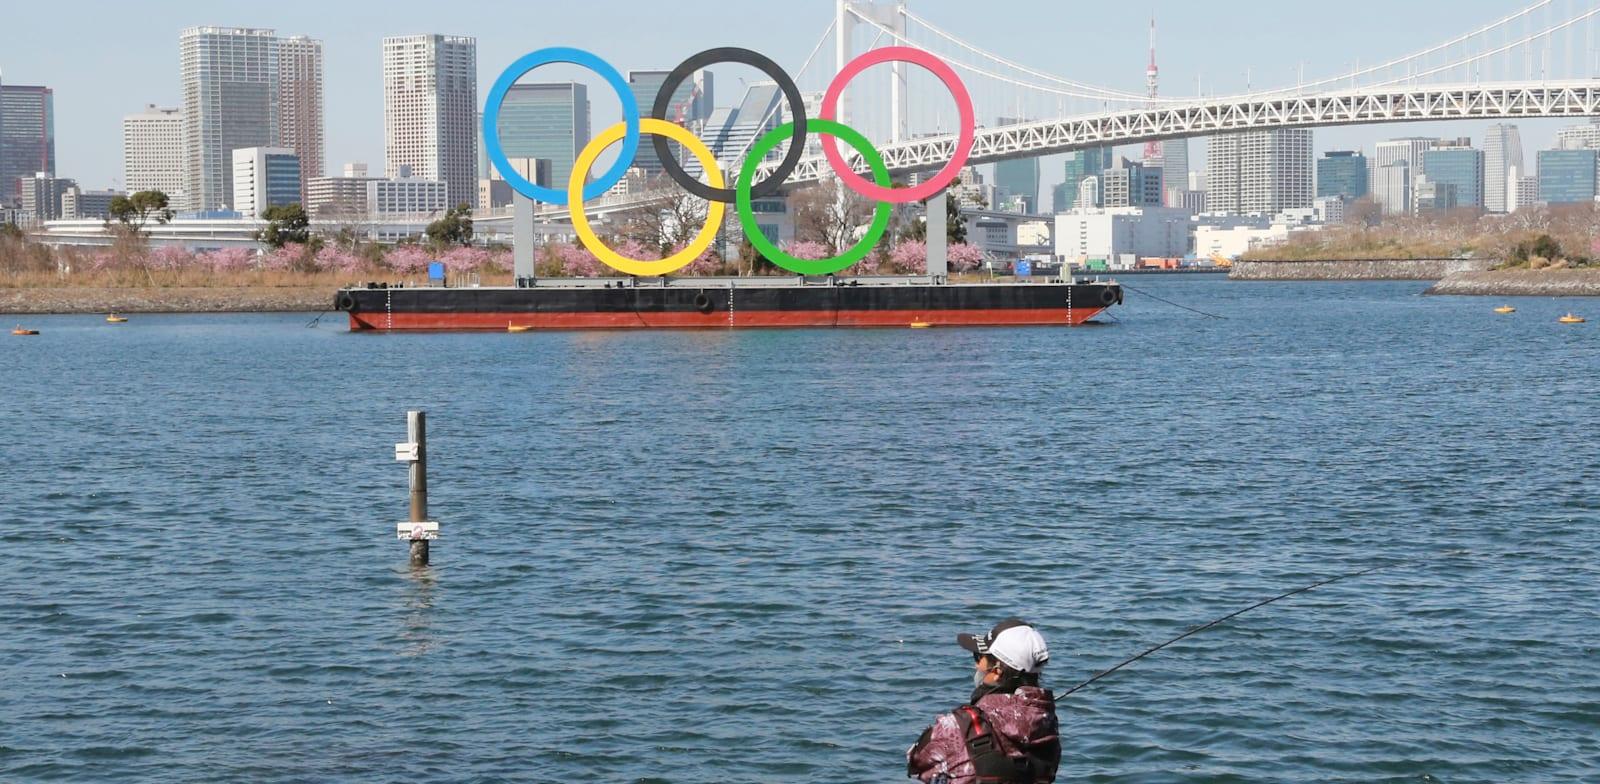 דייג יפני דג כשברקע סמל האולימפיאדה צף על גבי ספינה, השבוע / צילום: Associated Press, Koji Sasahara